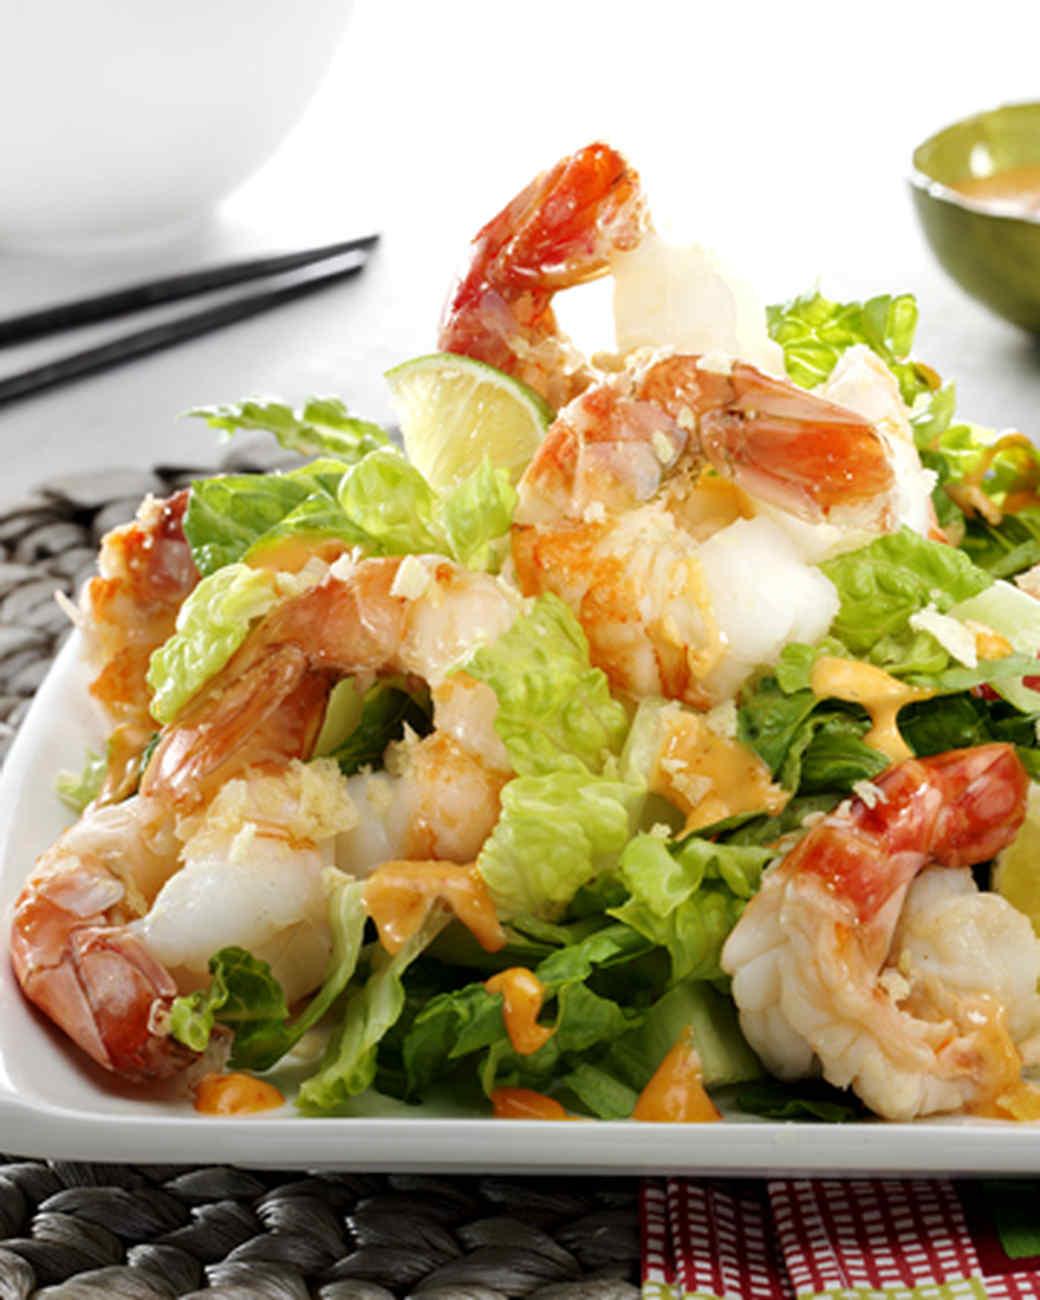 spicy-shrimp-bang-bang-sauce.jpg